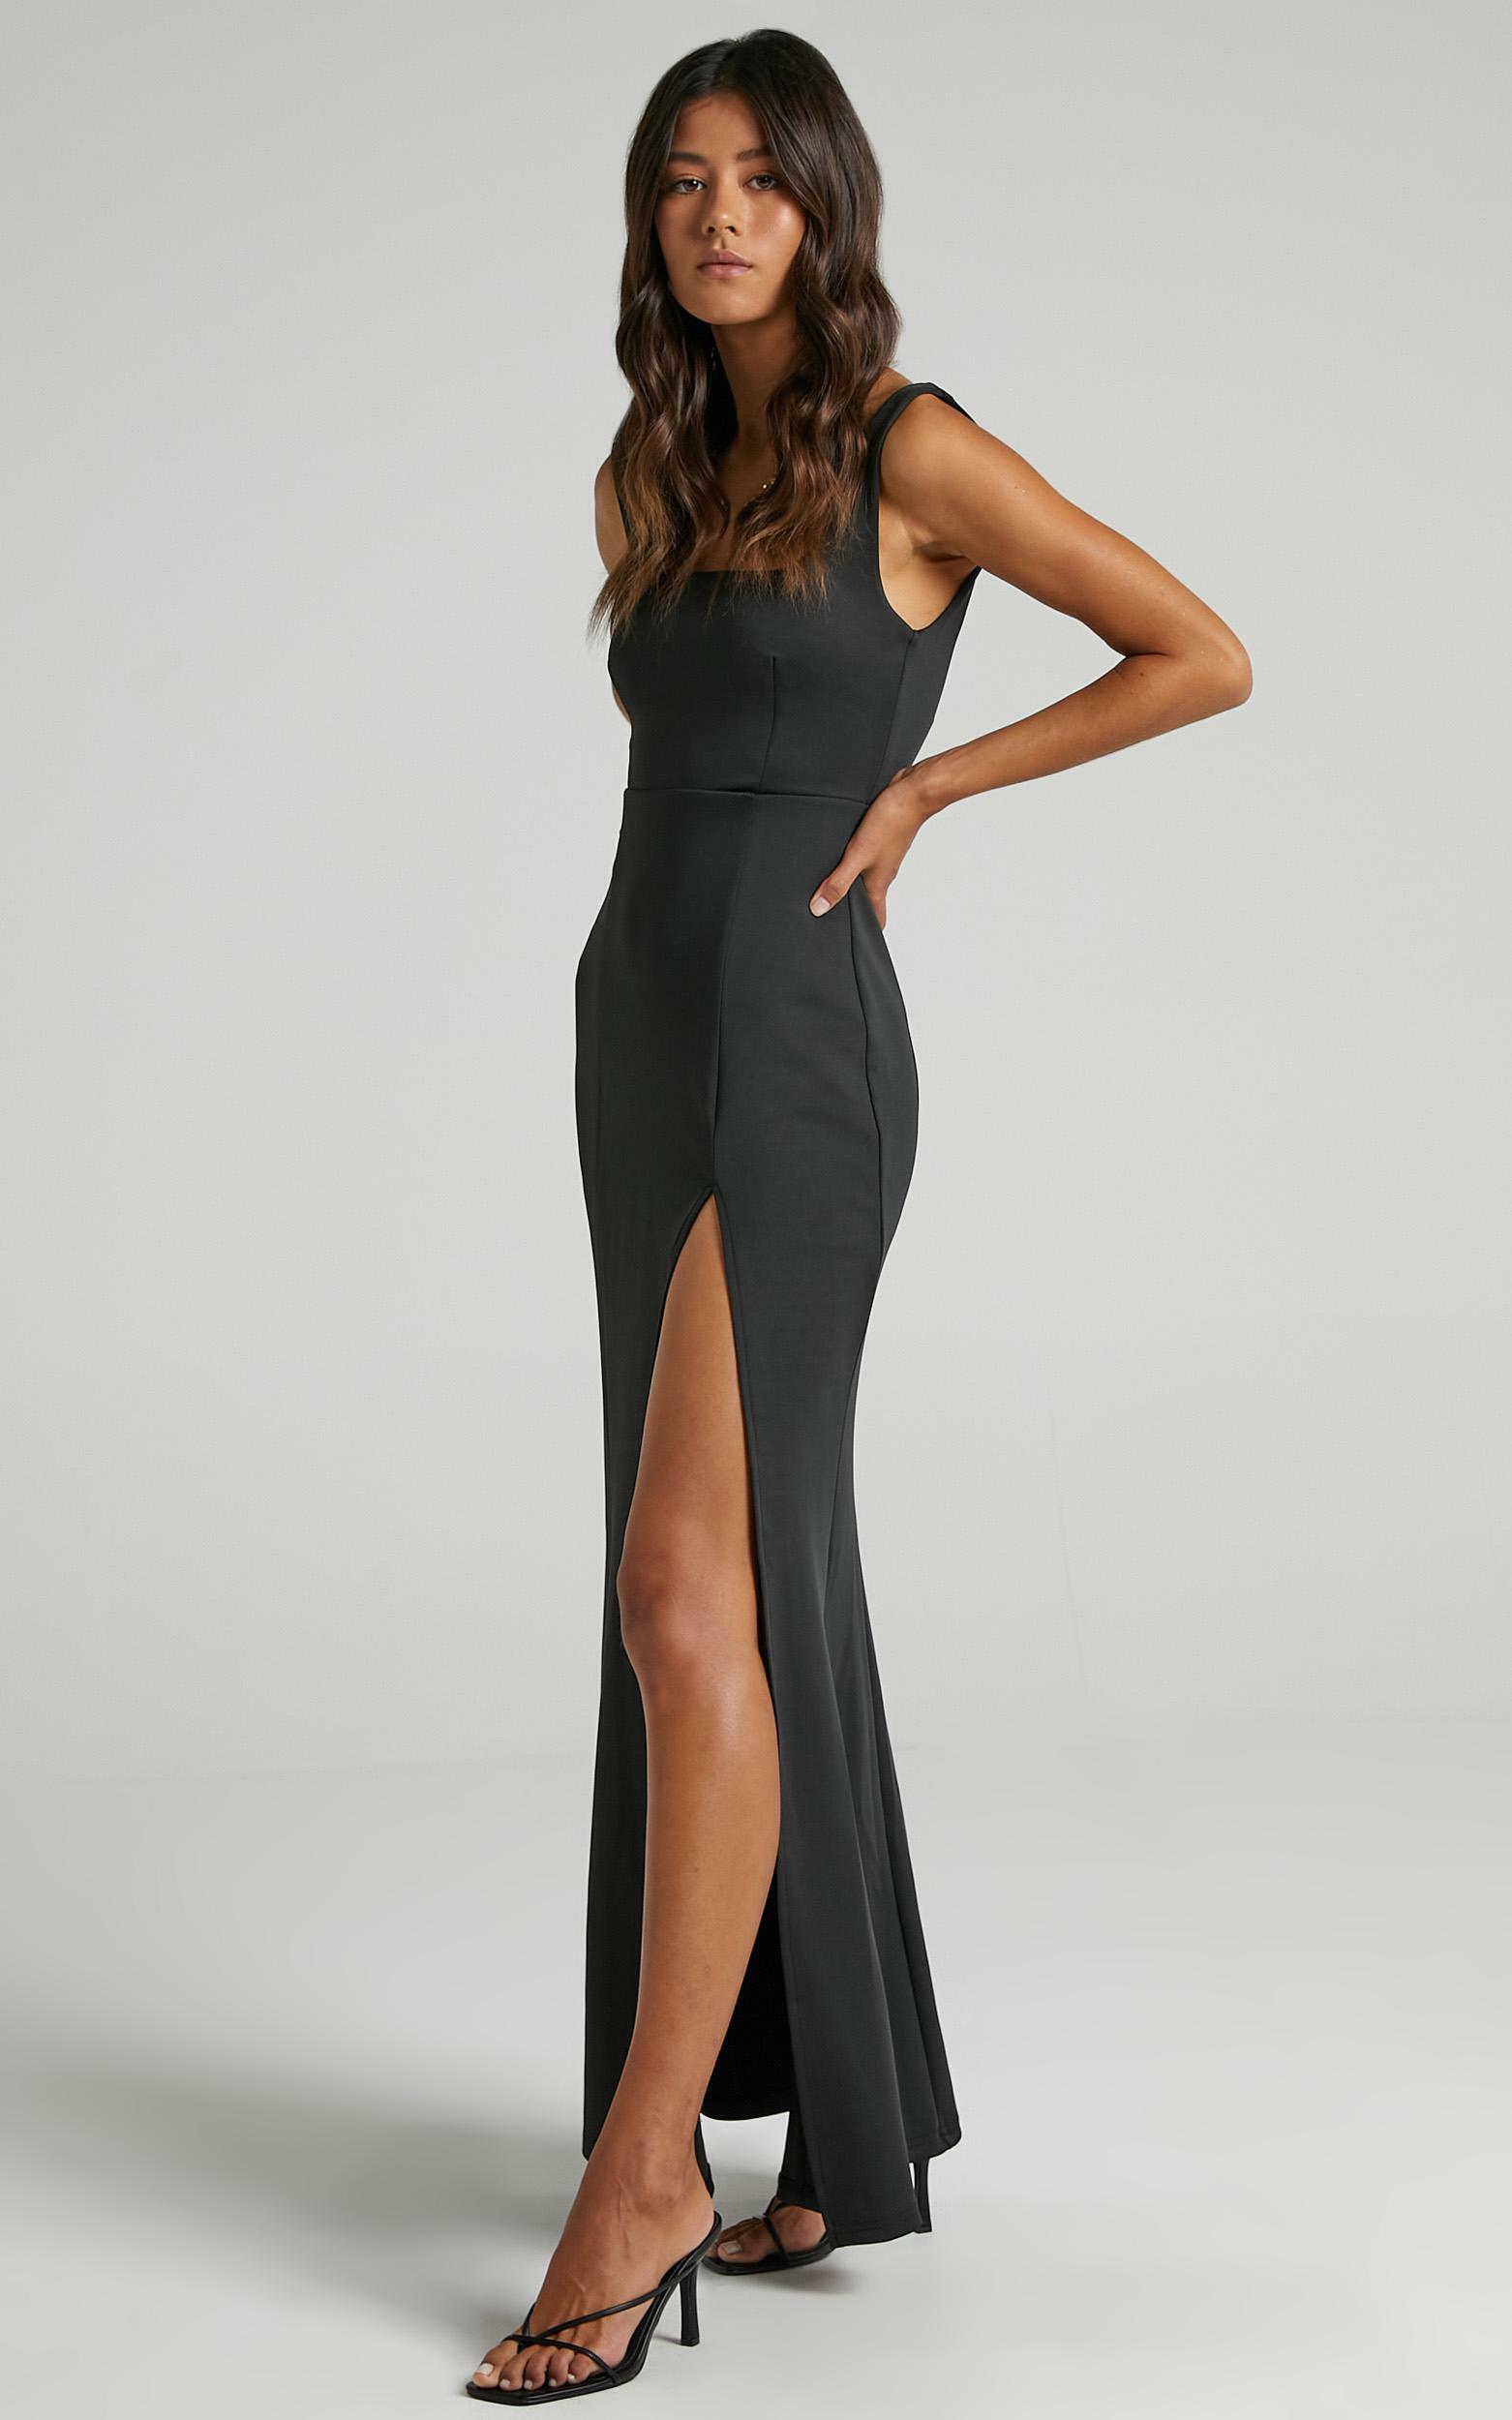 Raquelle Dress in Black - 06, BLK1, hi-res image number null